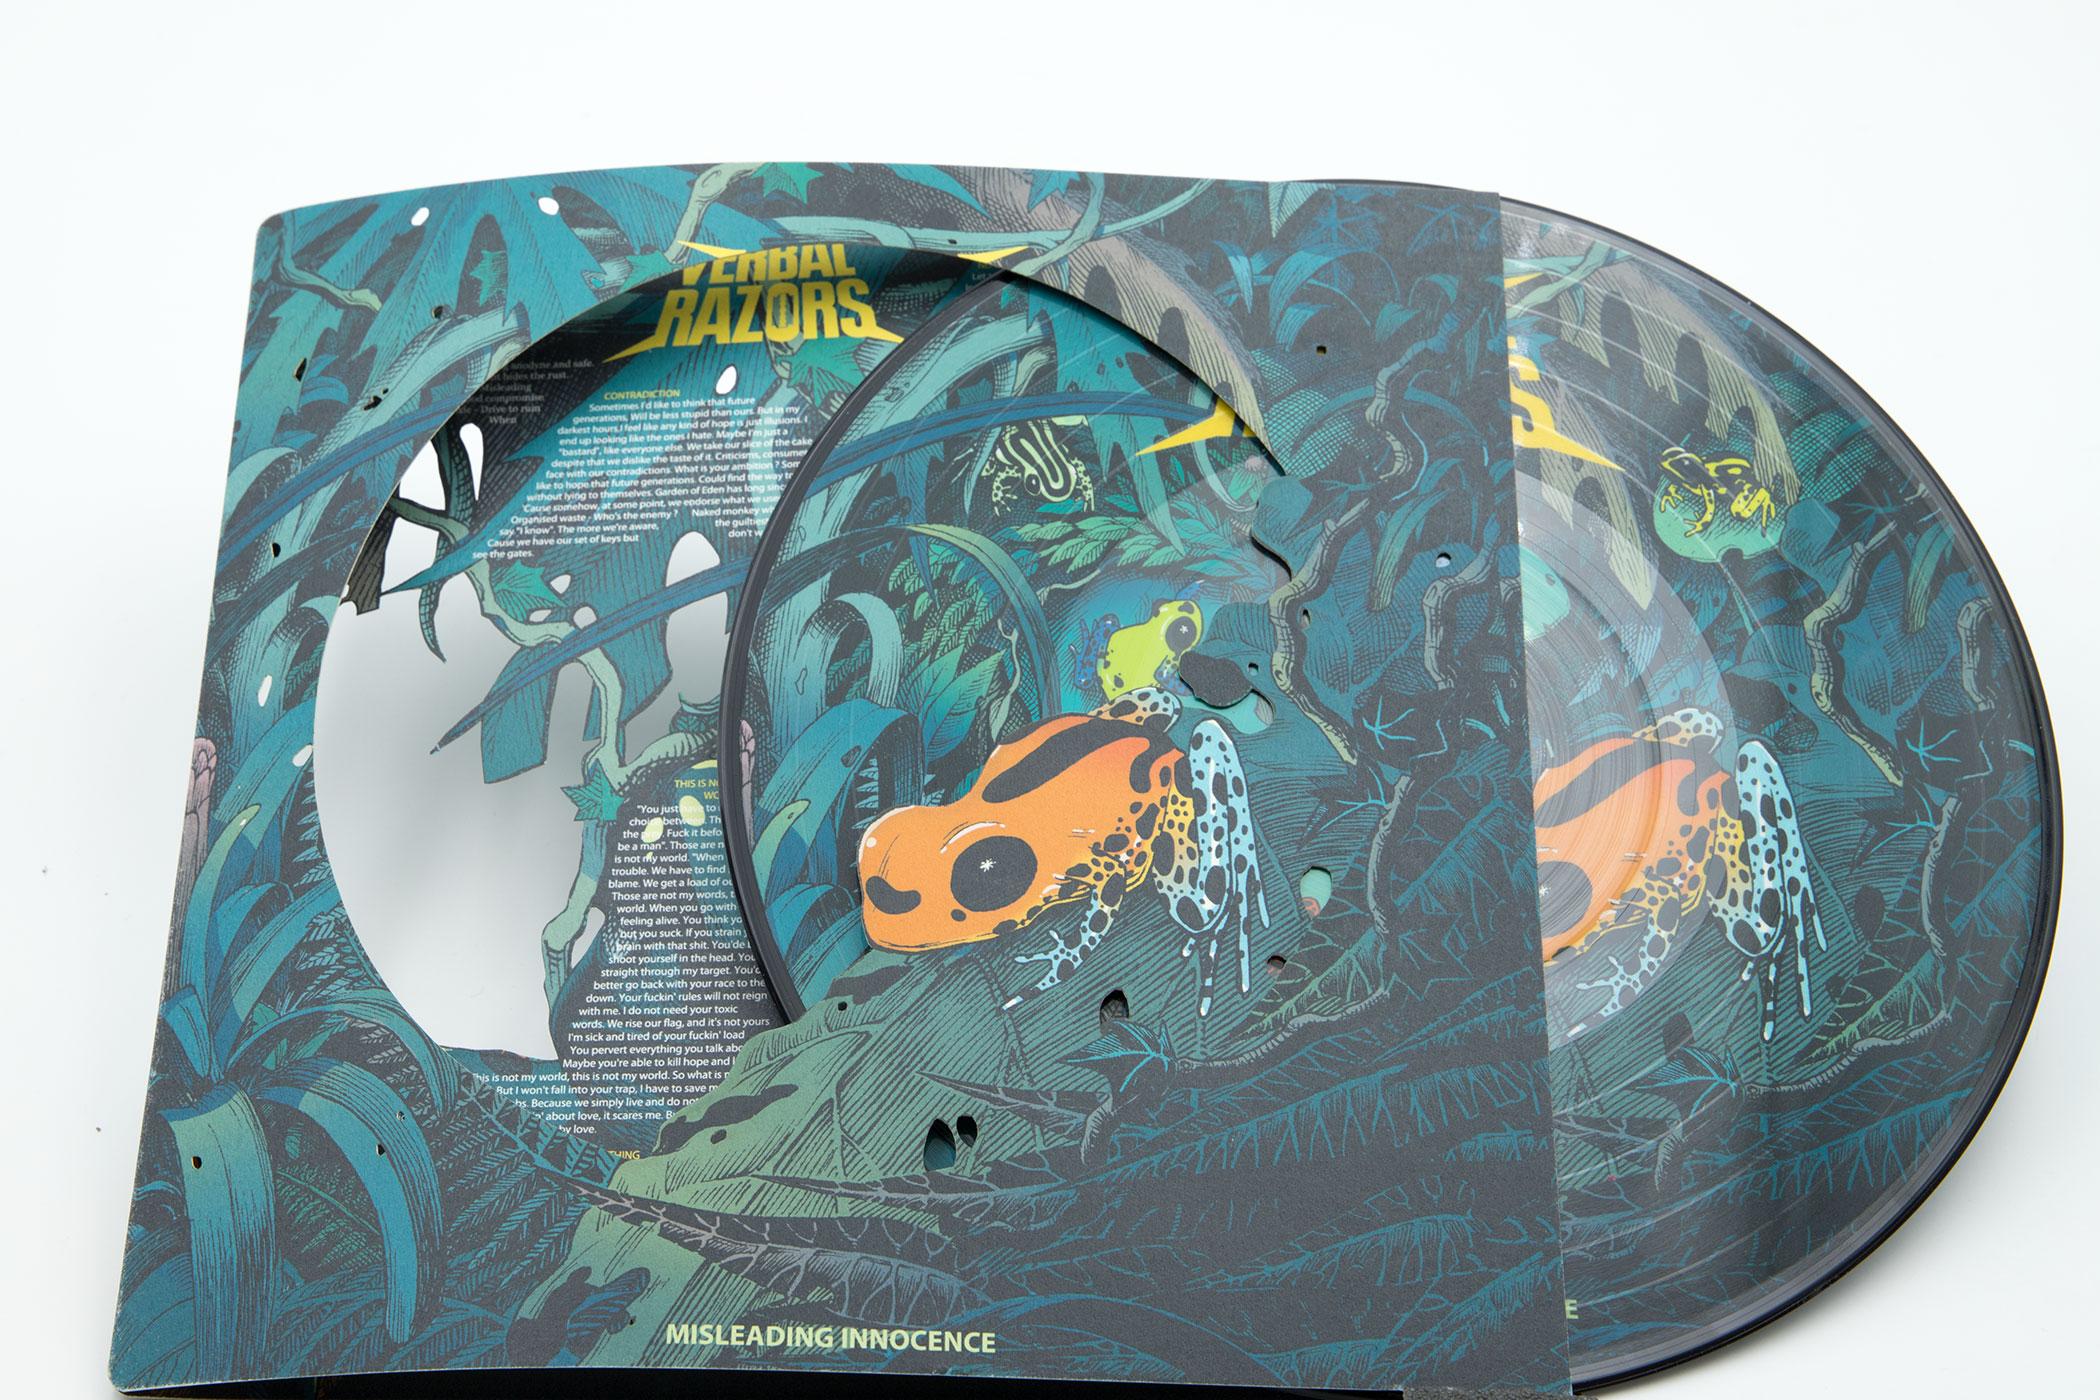 """VERBAL RAZORS """"Misleading Innocence"""" Picture Disc 10"""" Vinyl"""